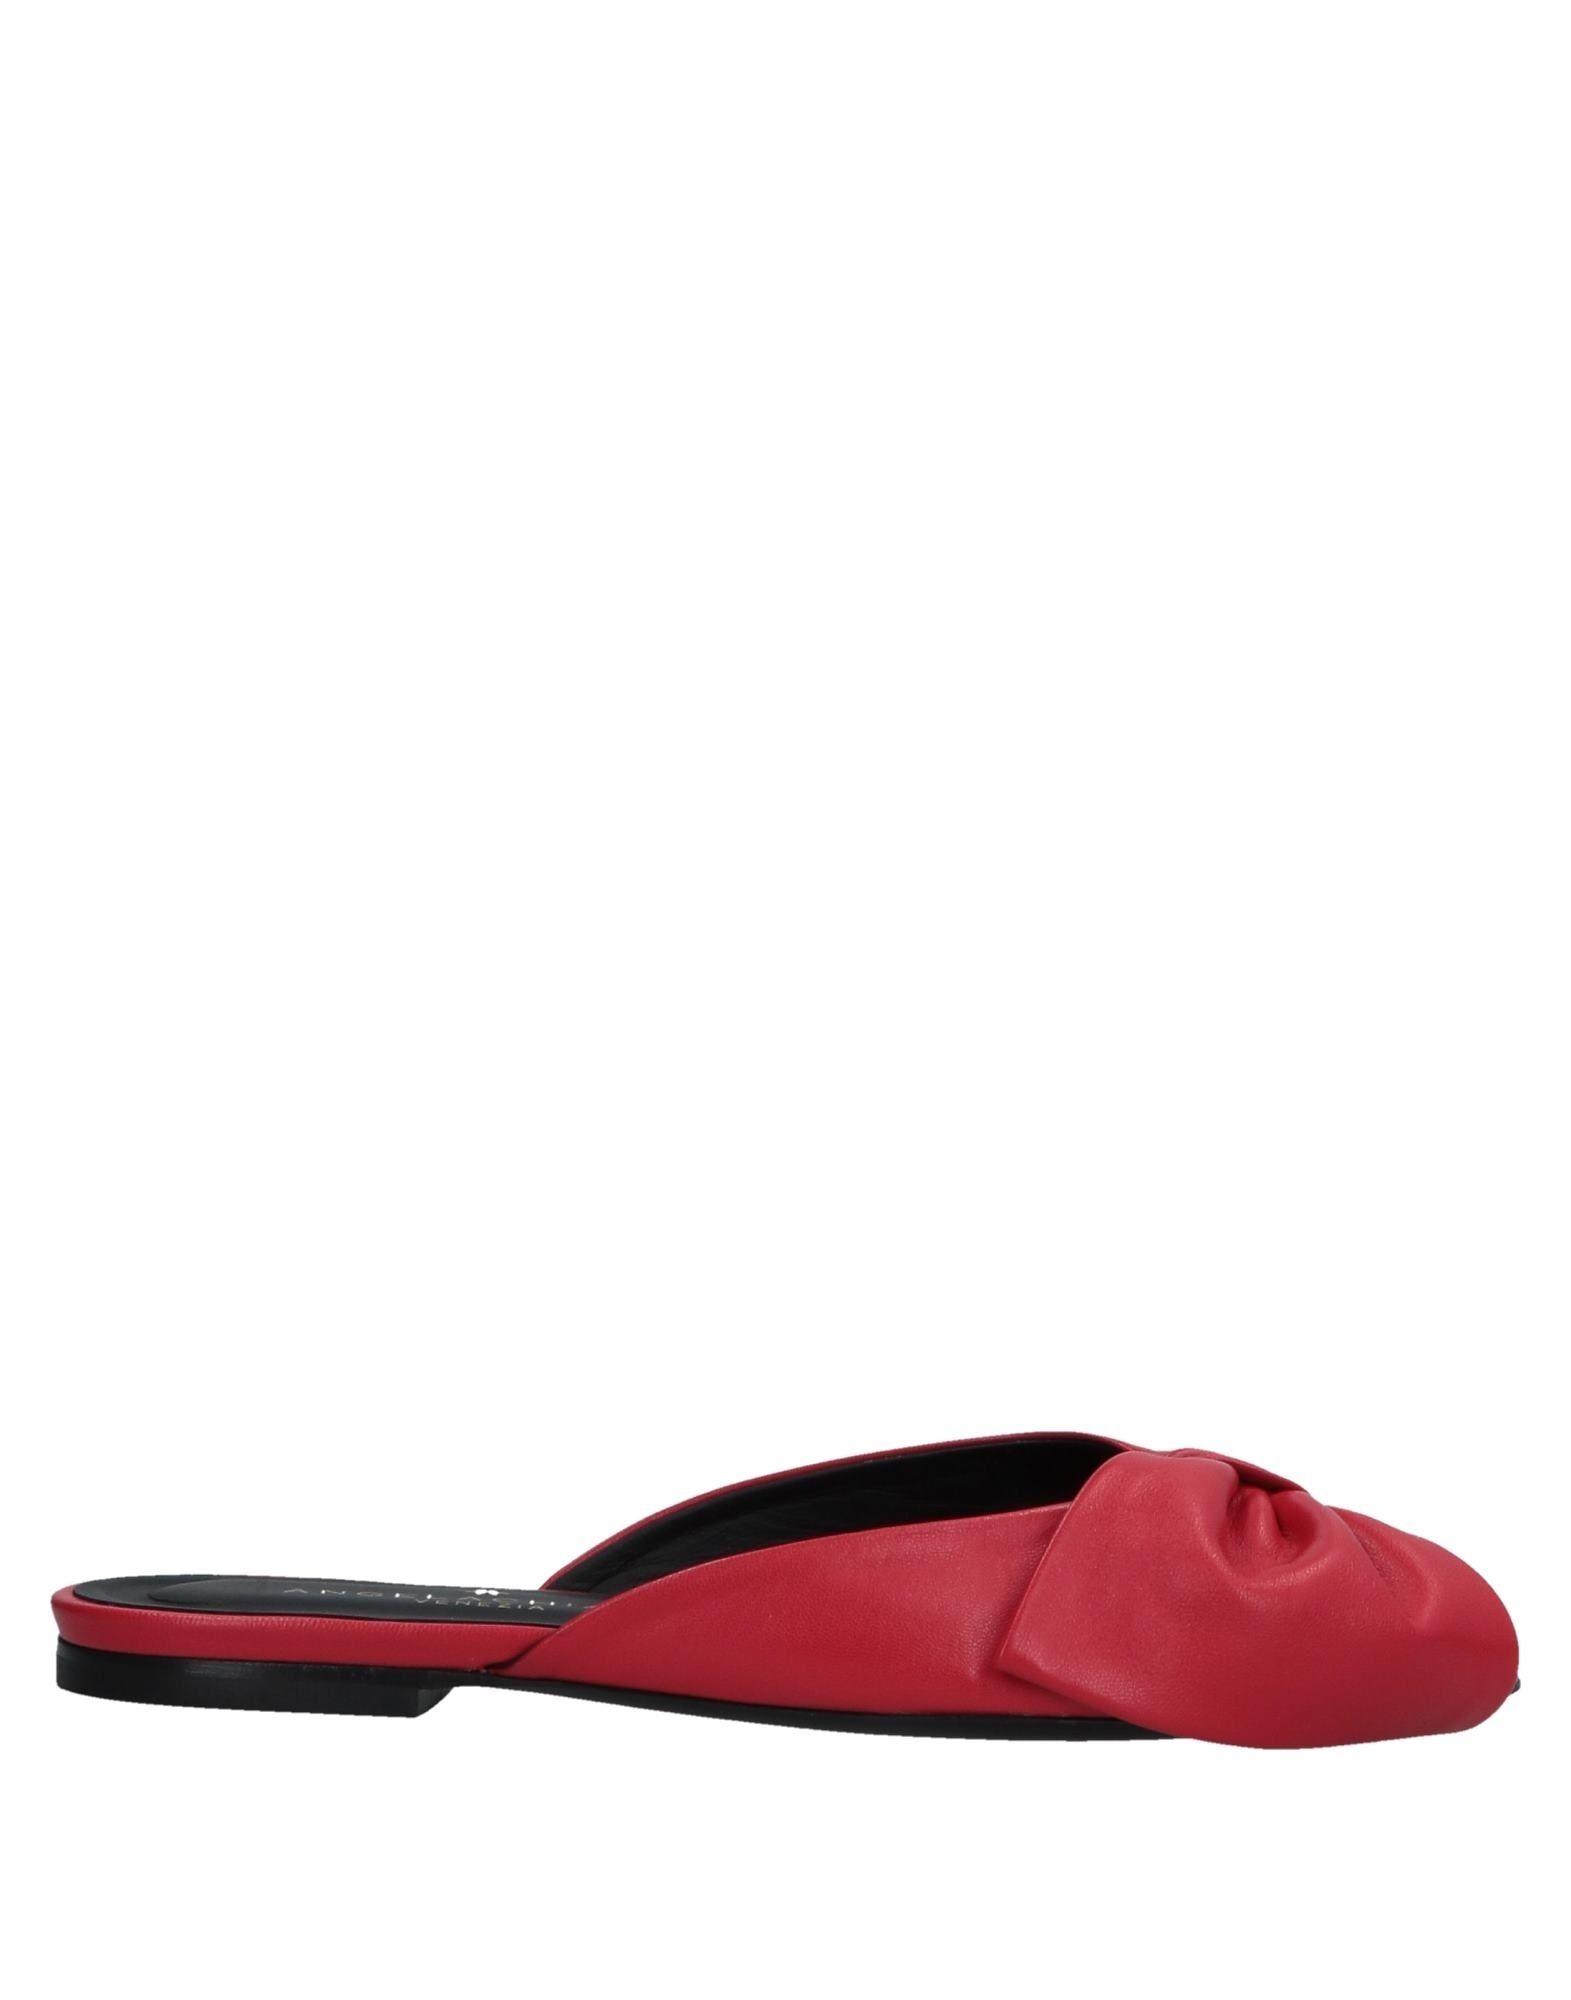 Stilvolle billige Sandalen Schuhe Angela Chiara Venezia Sandalen billige Damen  11582691NH 3de2e3